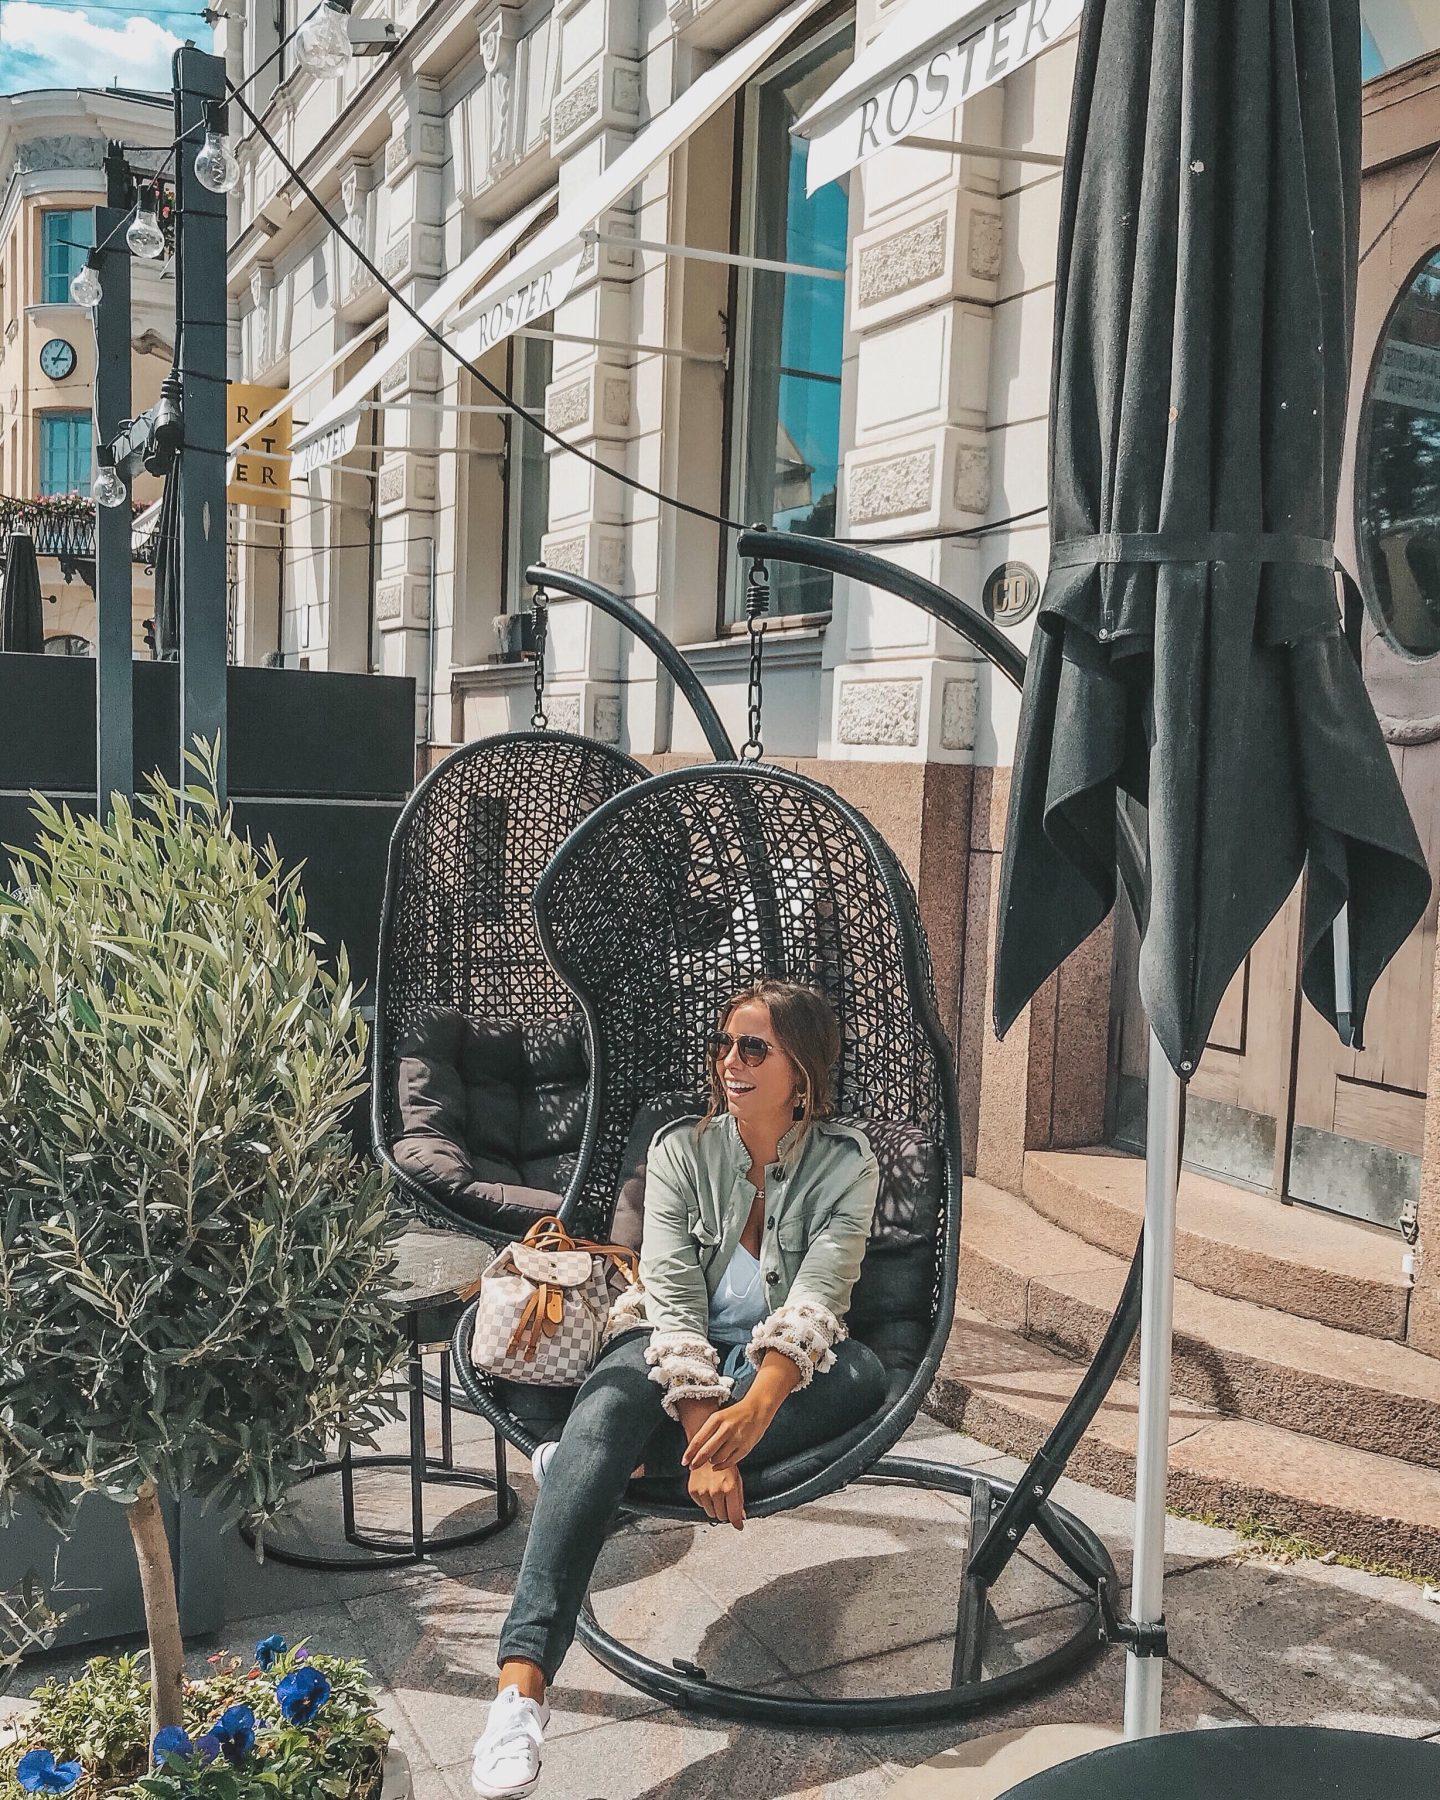 Mini Kreuzfahrt mit Tallinsk Silja – Stockholm, Helsinki und Tallinn